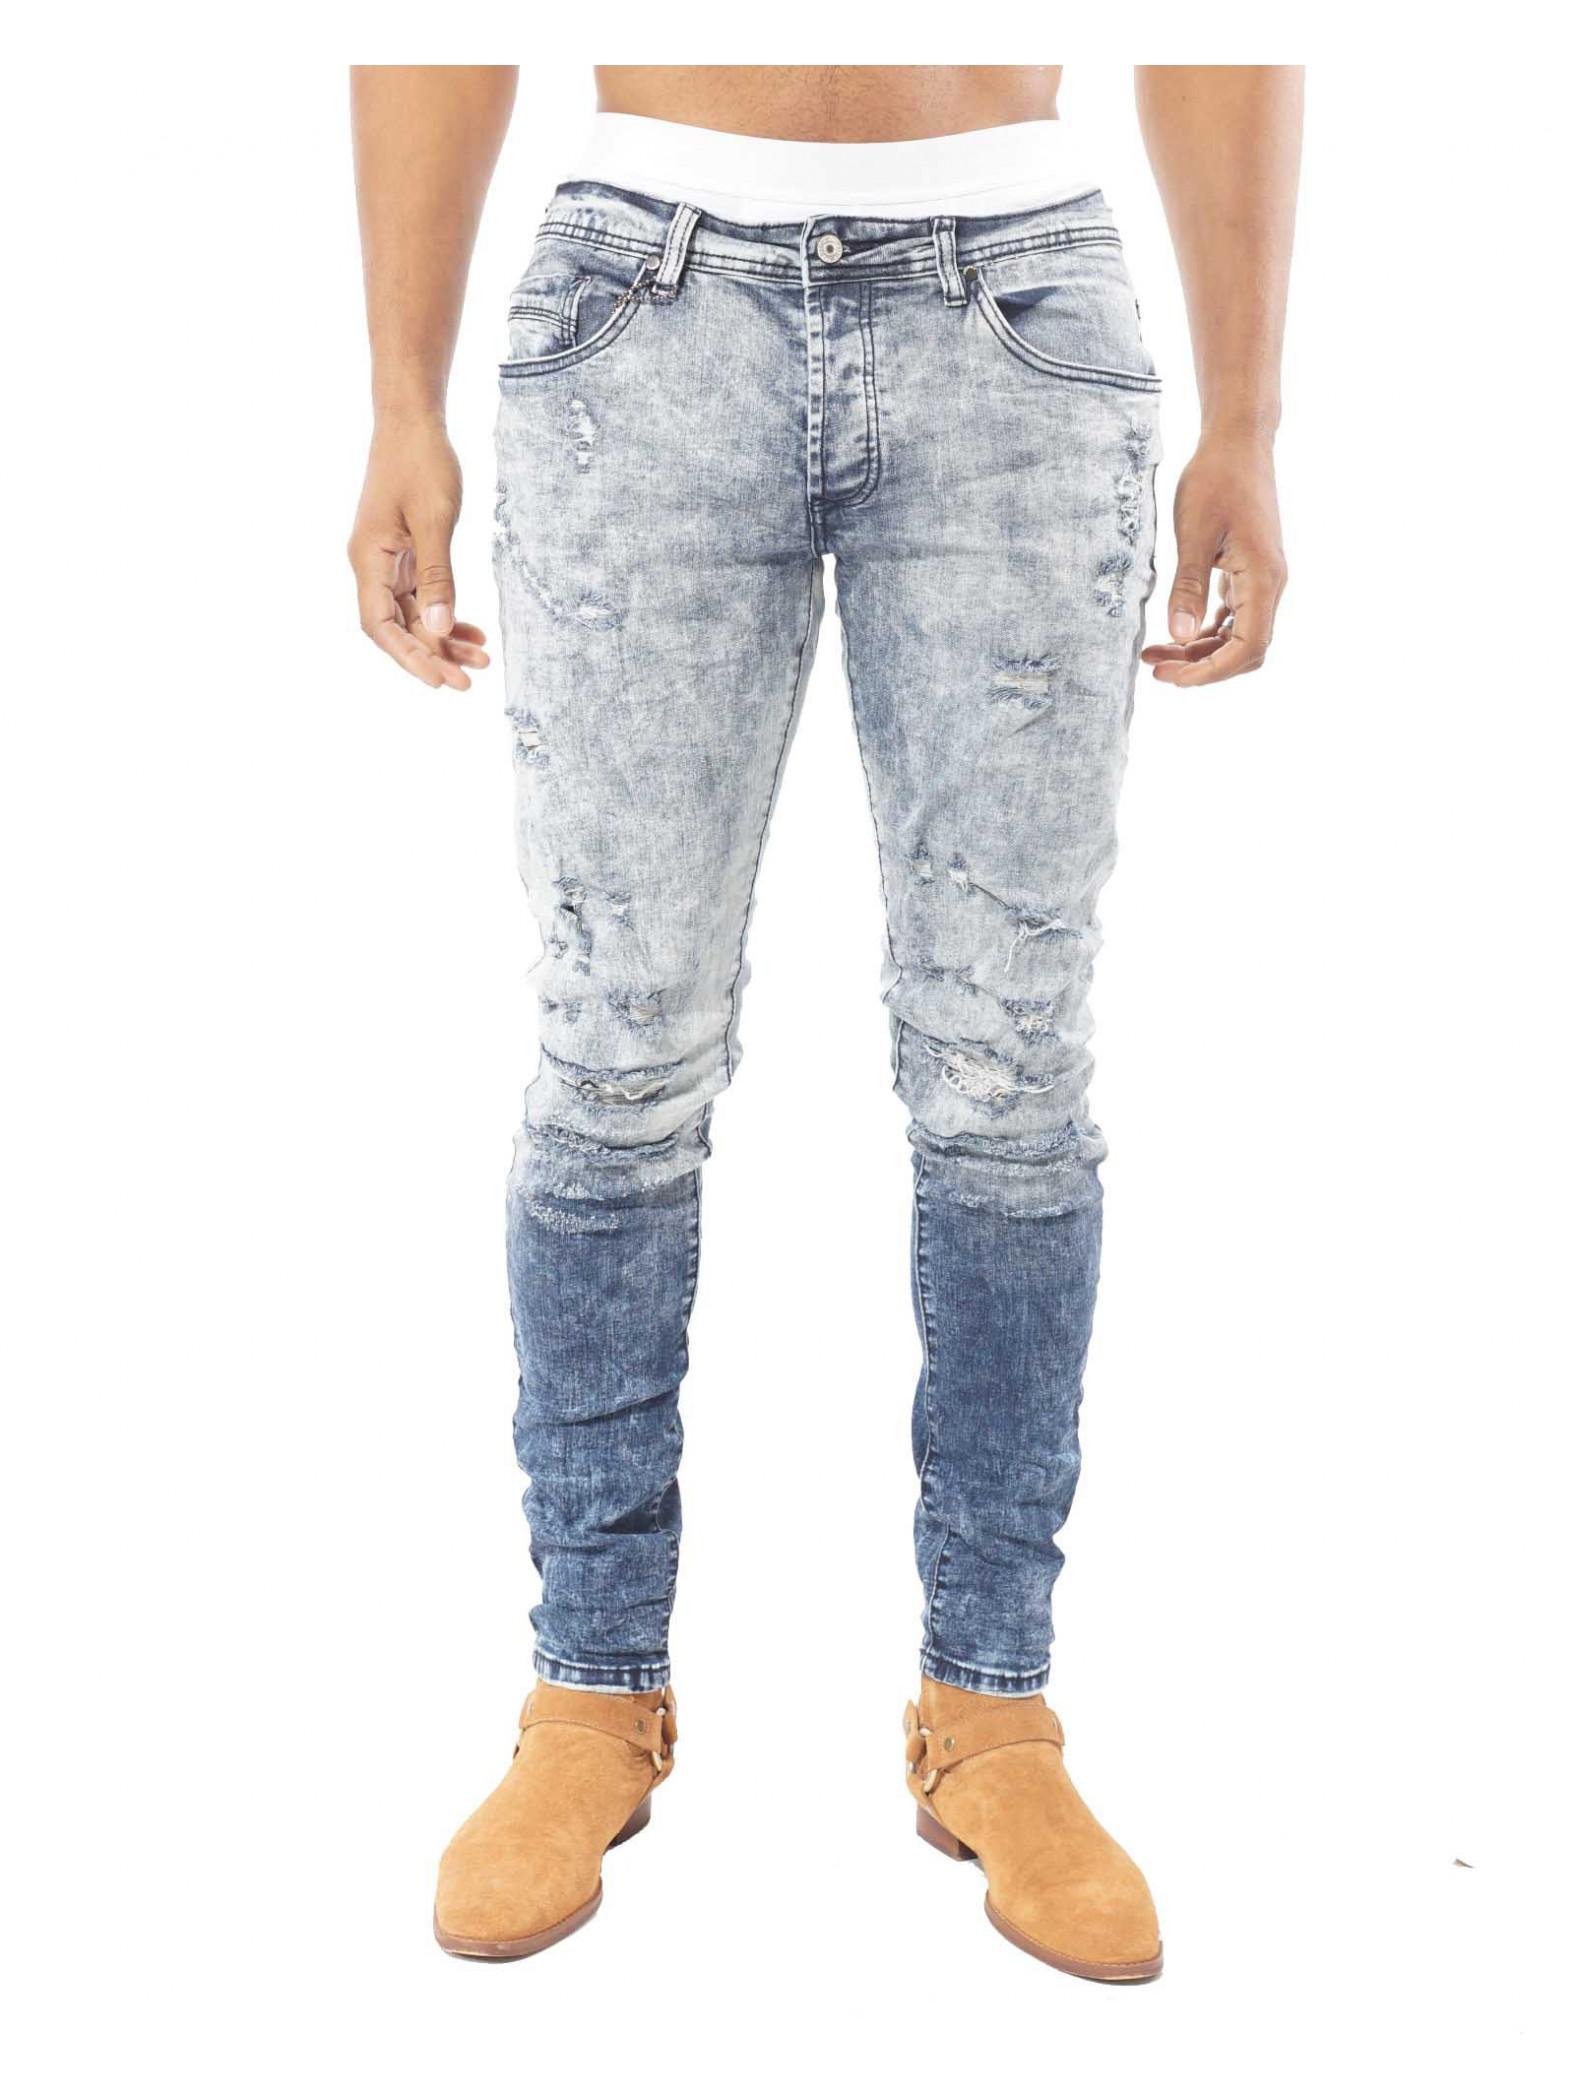 slim fit jeans project x paris 88169931. Black Bedroom Furniture Sets. Home Design Ideas